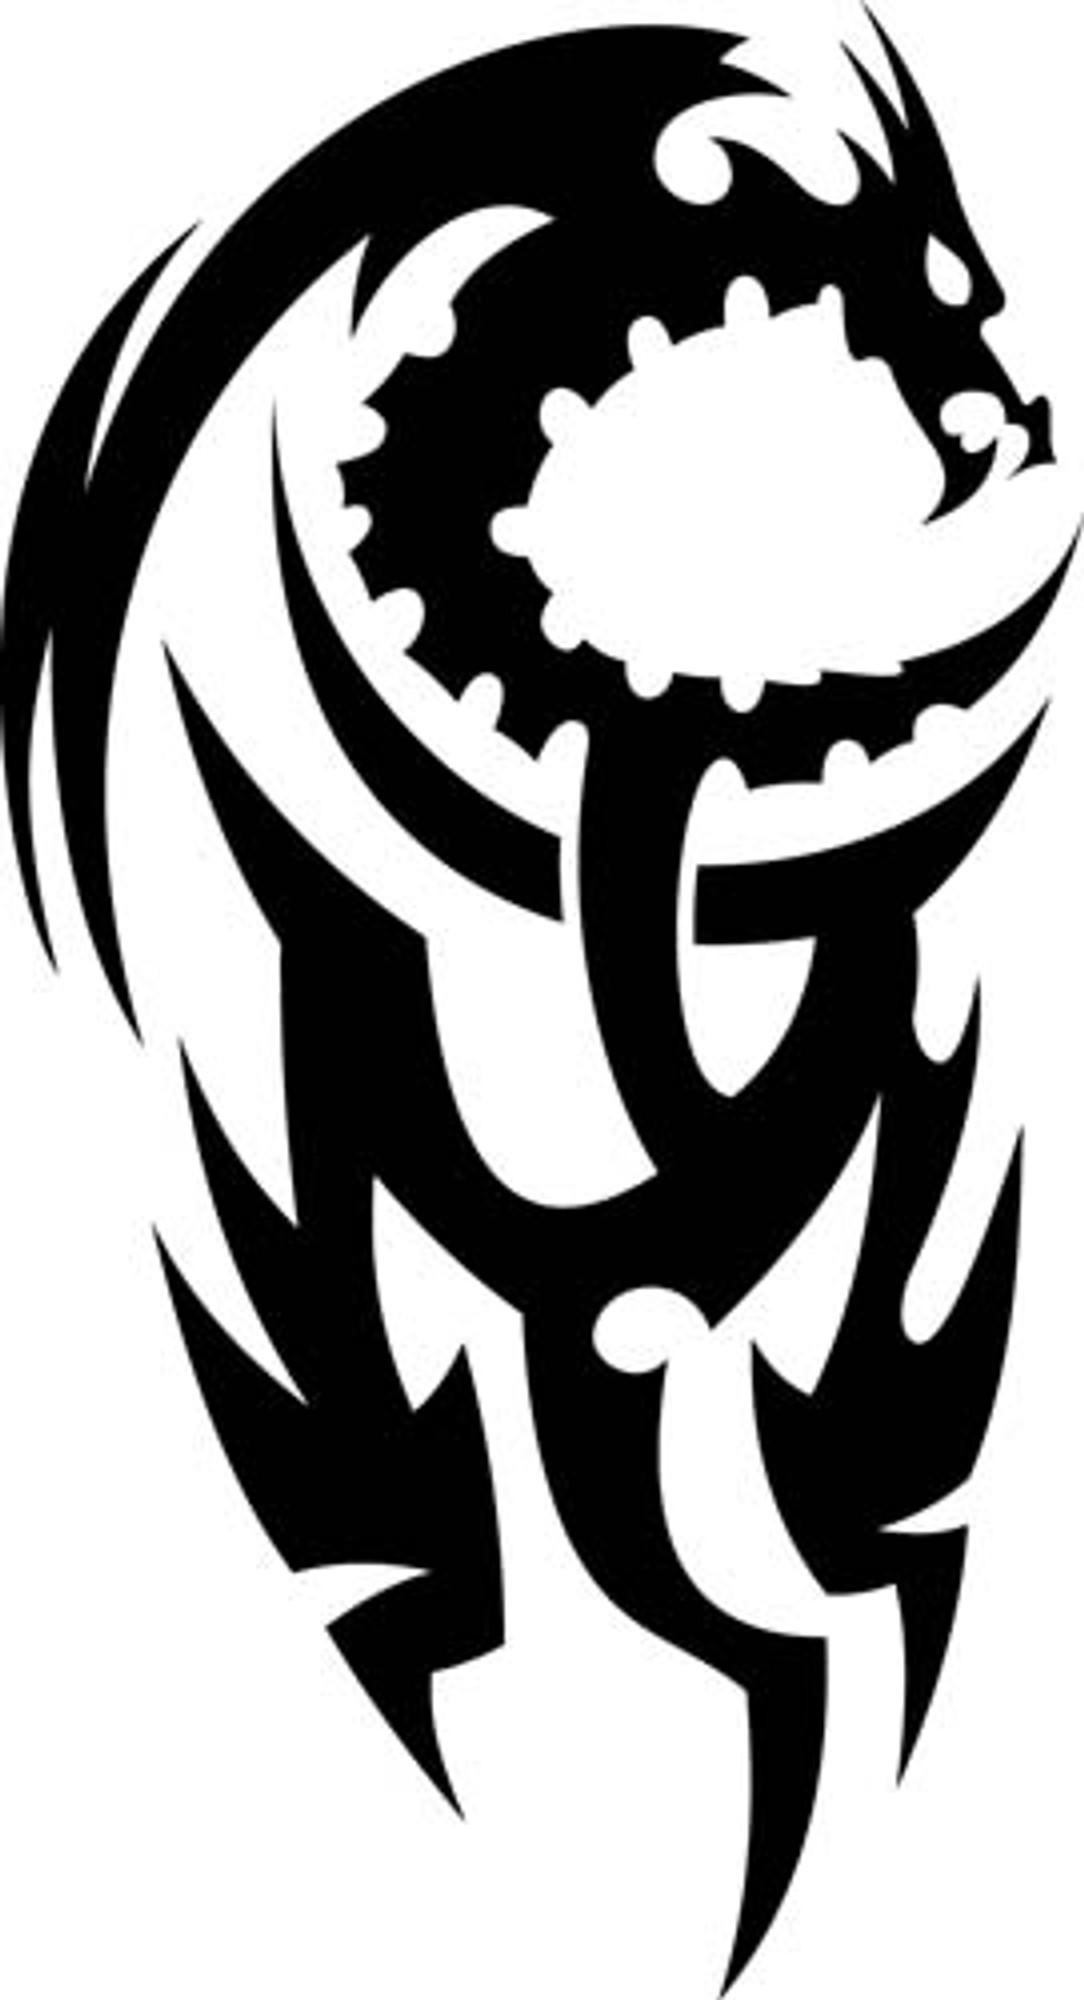 Animal Car Decals Car Stickers Dragon Car Decal 04